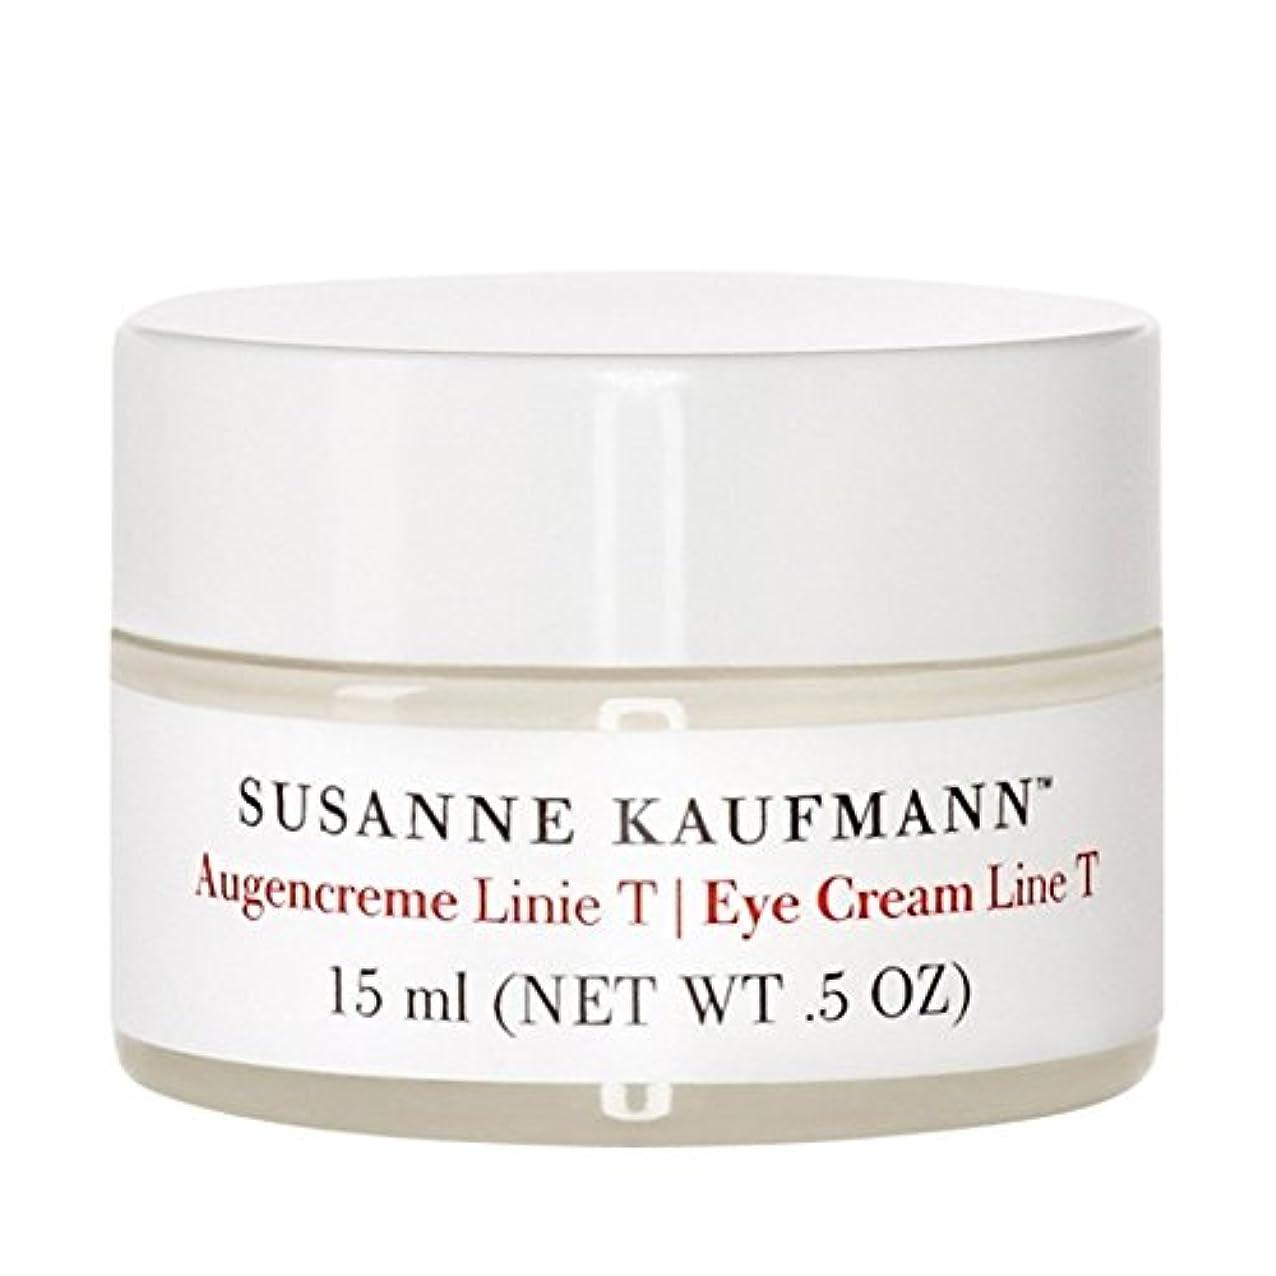 アート入り口持っているスザンヌカウフマンアイクリームライントンの15ミリリットル x2 - Susanne Kaufmann Eye Cream Line T 15ml (Pack of 2) [並行輸入品]